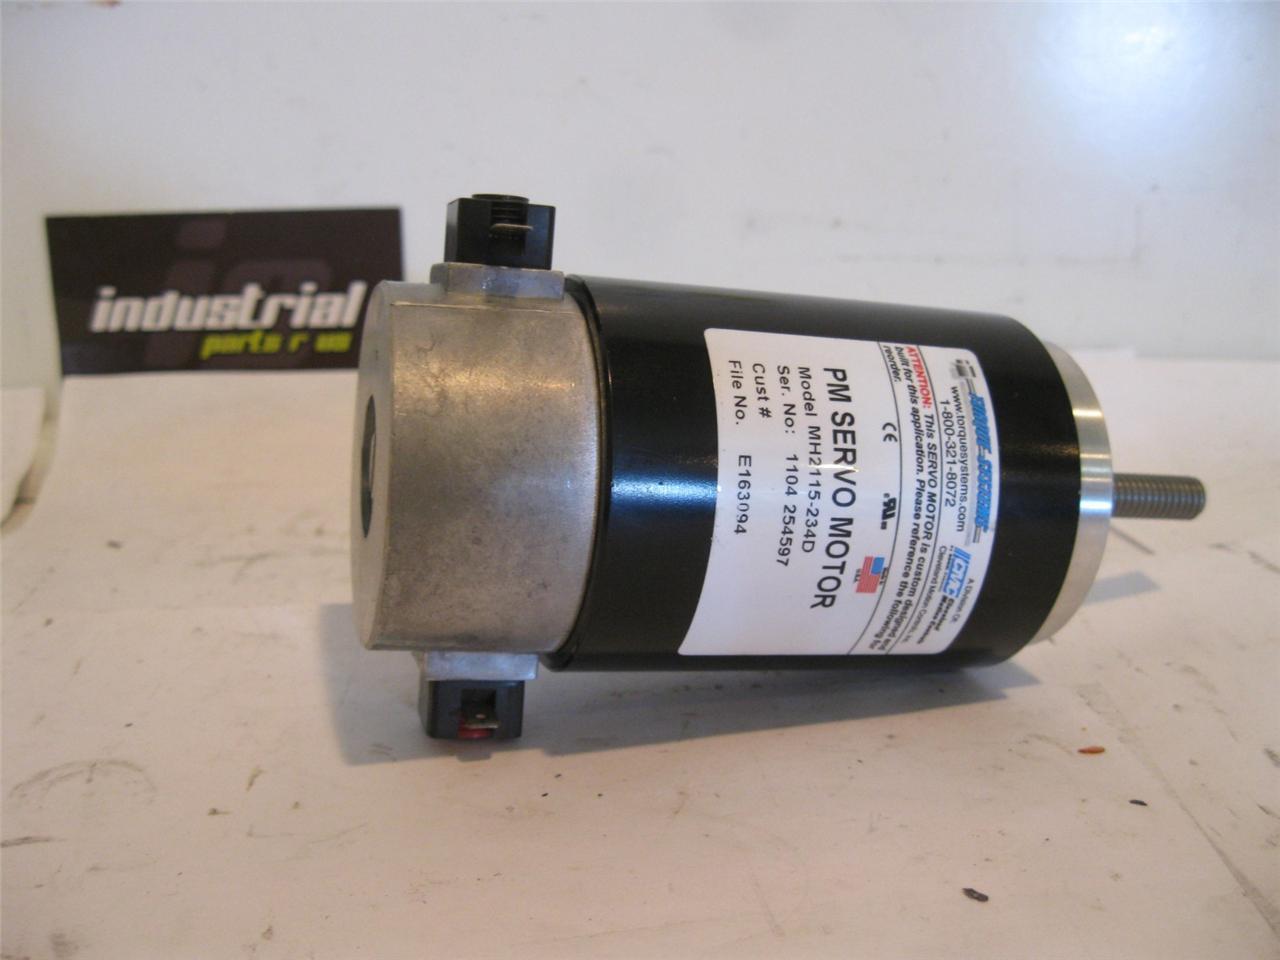 Cmc torque systems mh2115 234d pm servo motor motors for for Bent creek motors inventory